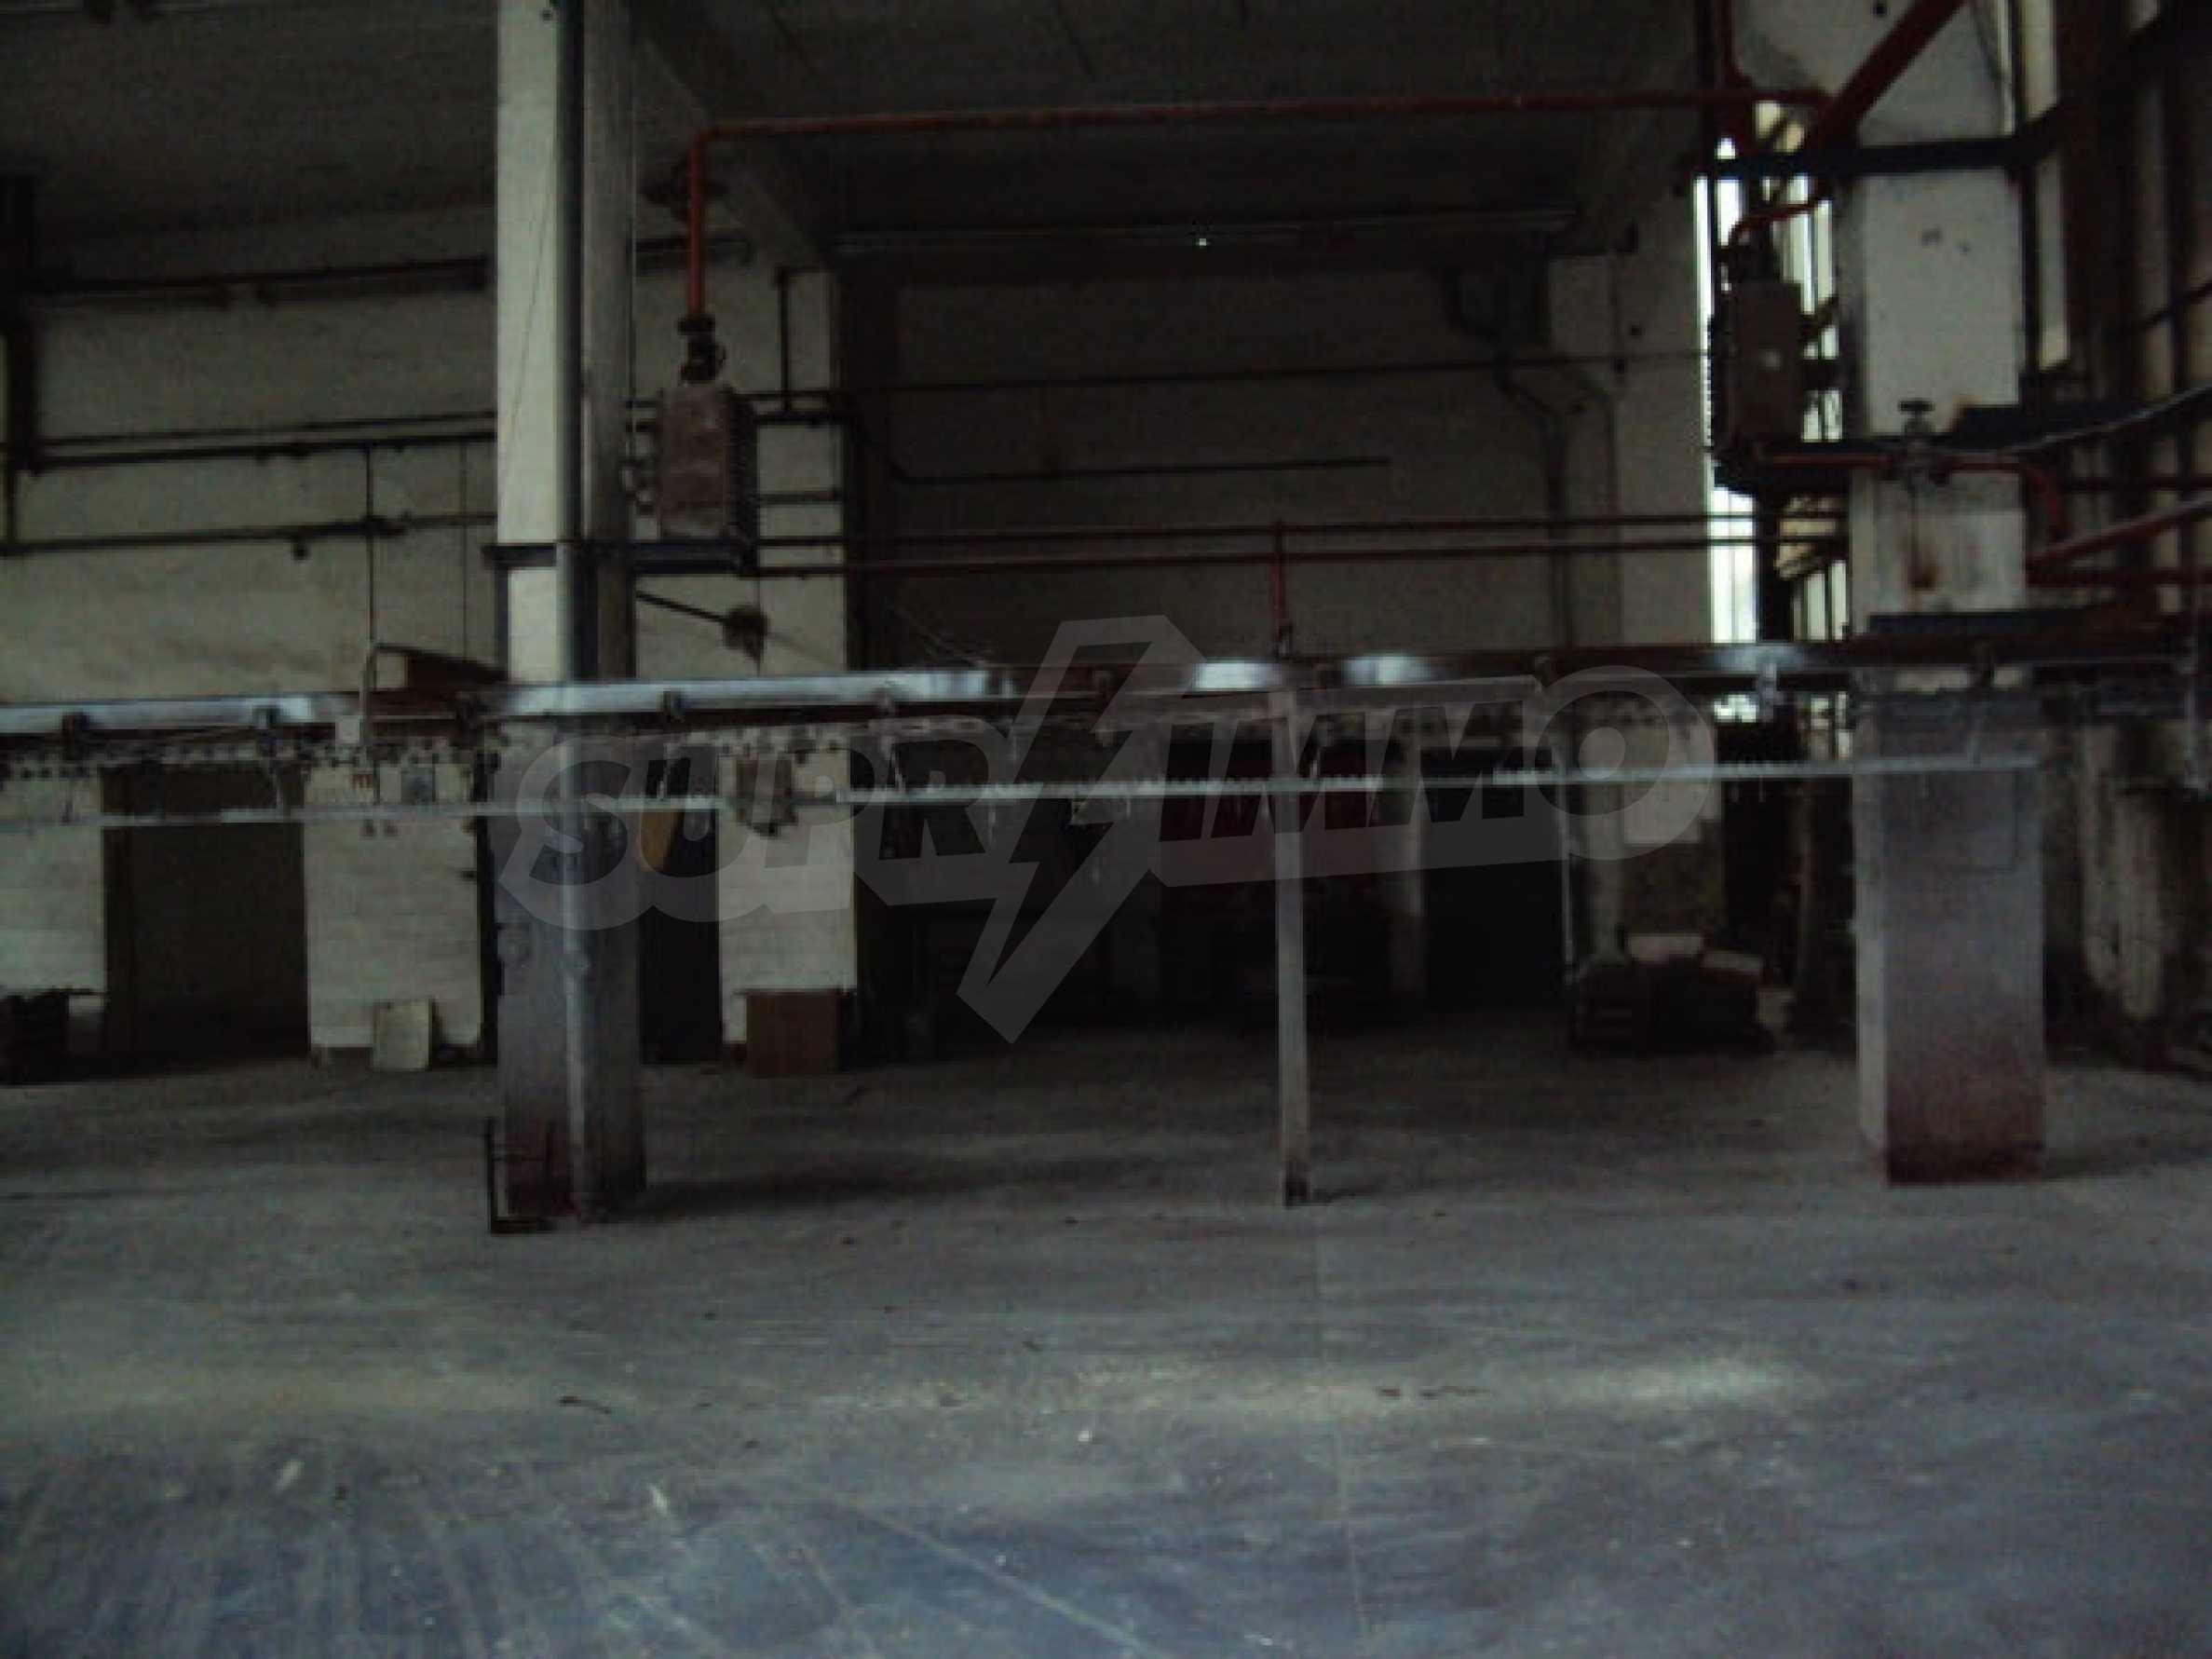 Factory for metal parts in Veliko Tarnovo 59